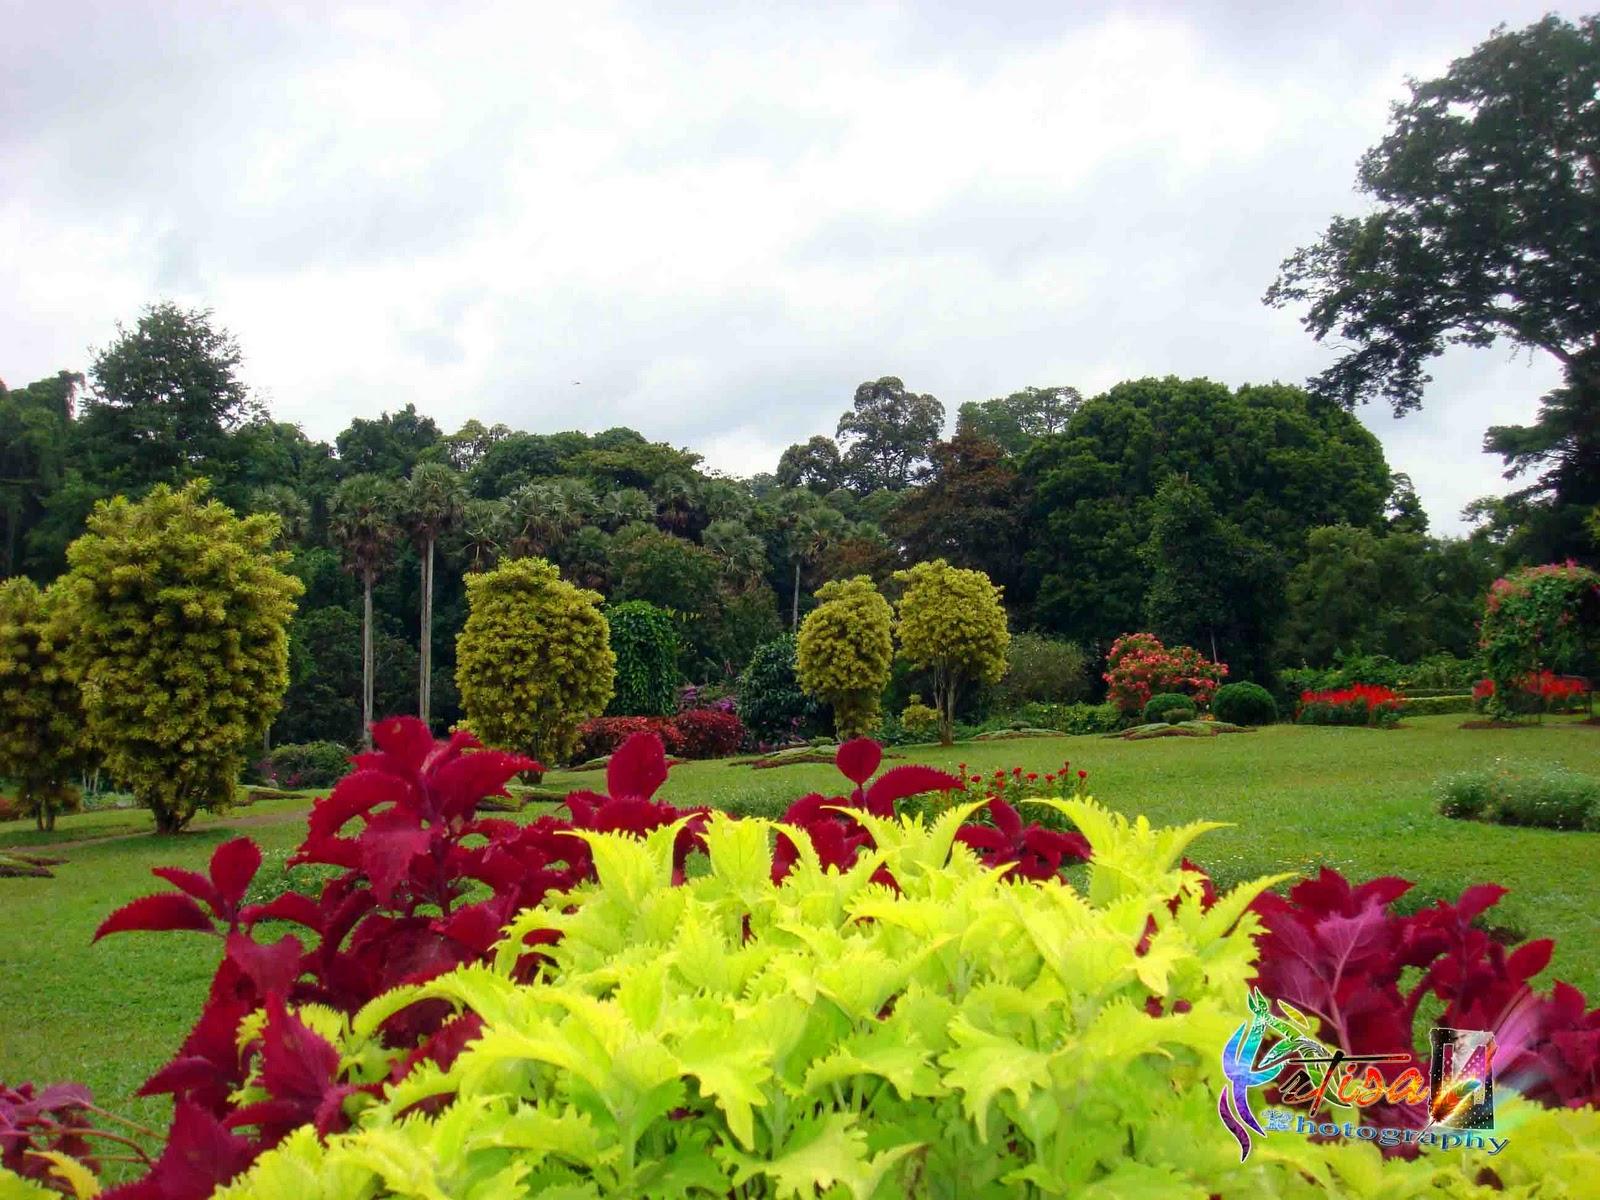 Artisan peradeniya flower garden for Flower landscape